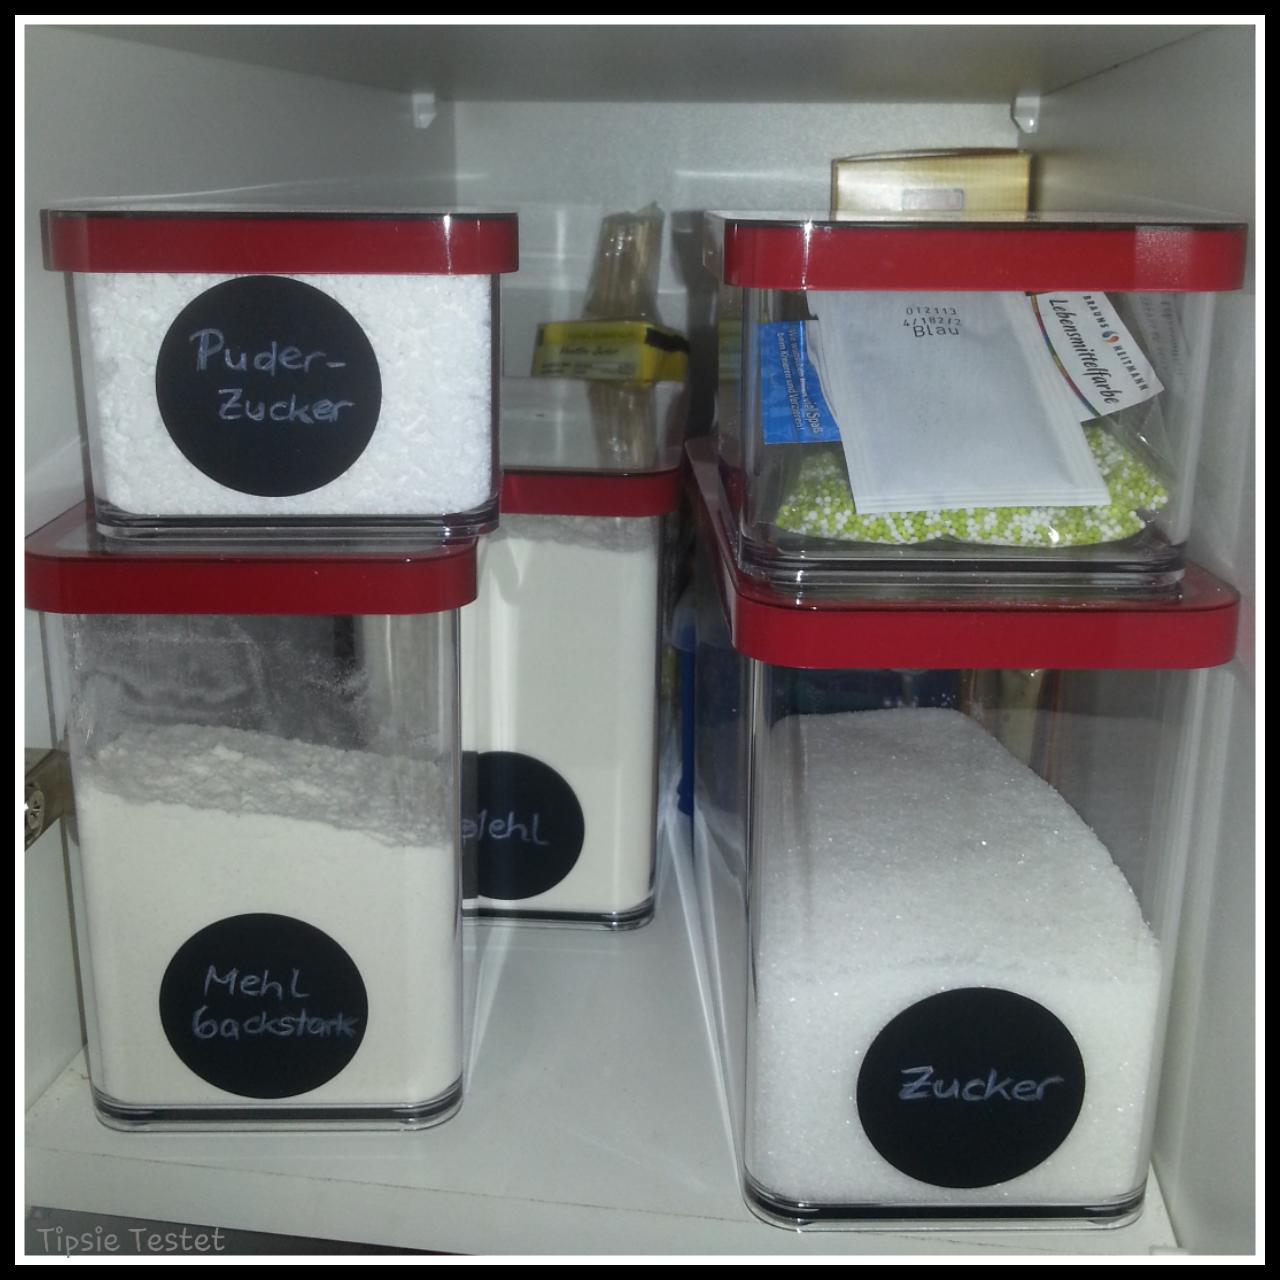 Tipsie Testet: Rotho - Ordnung im Küchenschrank